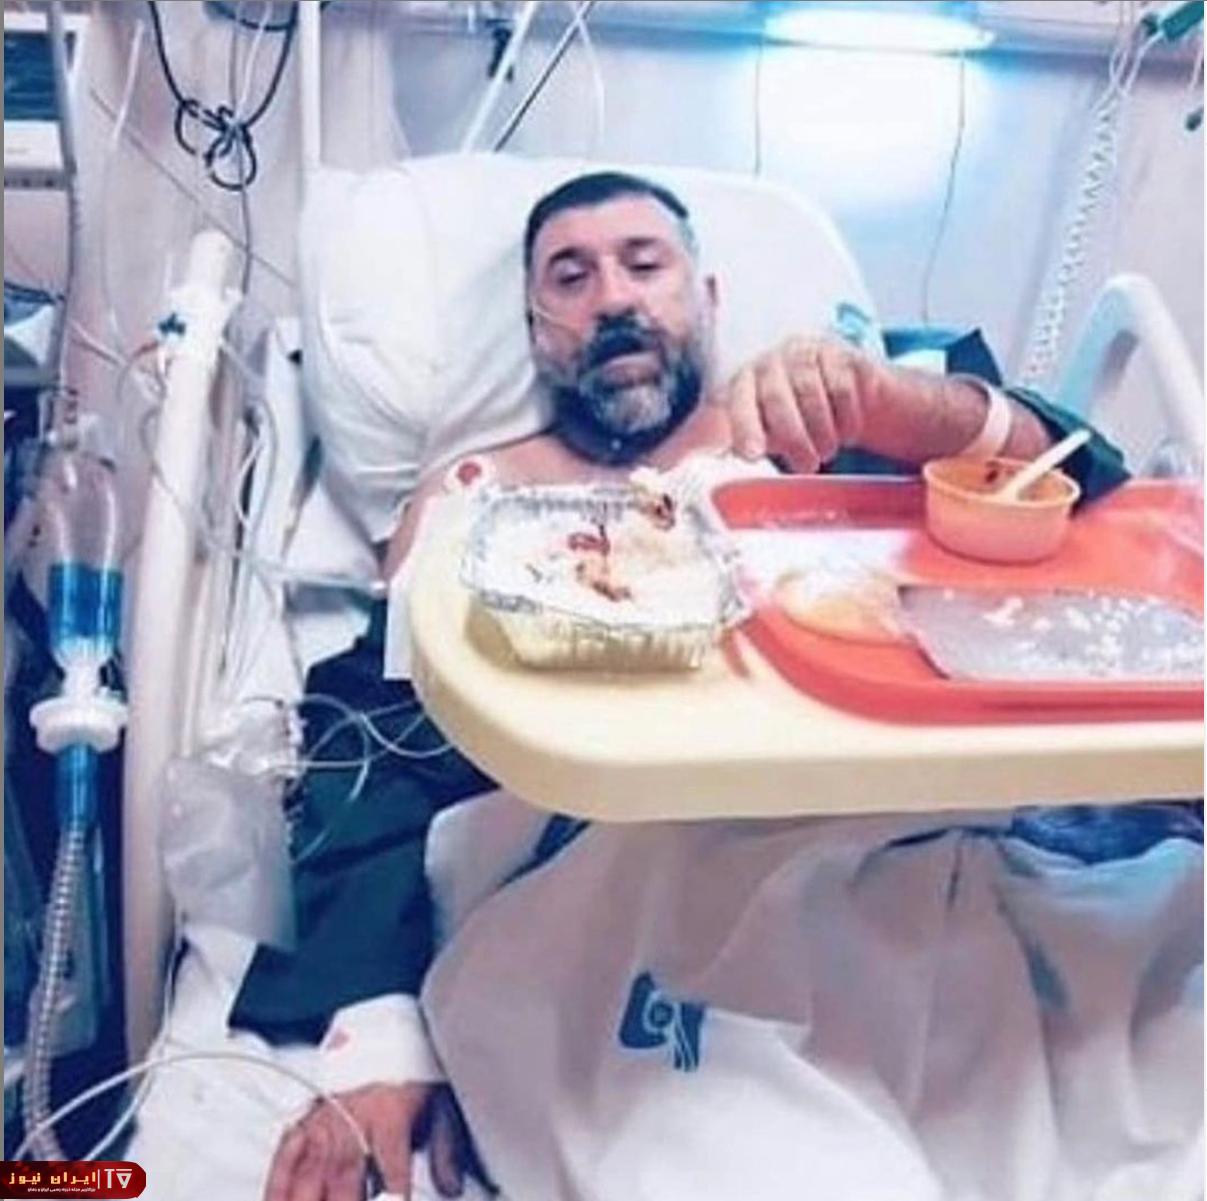 ادعای جنجالی پزشک انصاریان: علیه او توطئه کردند!